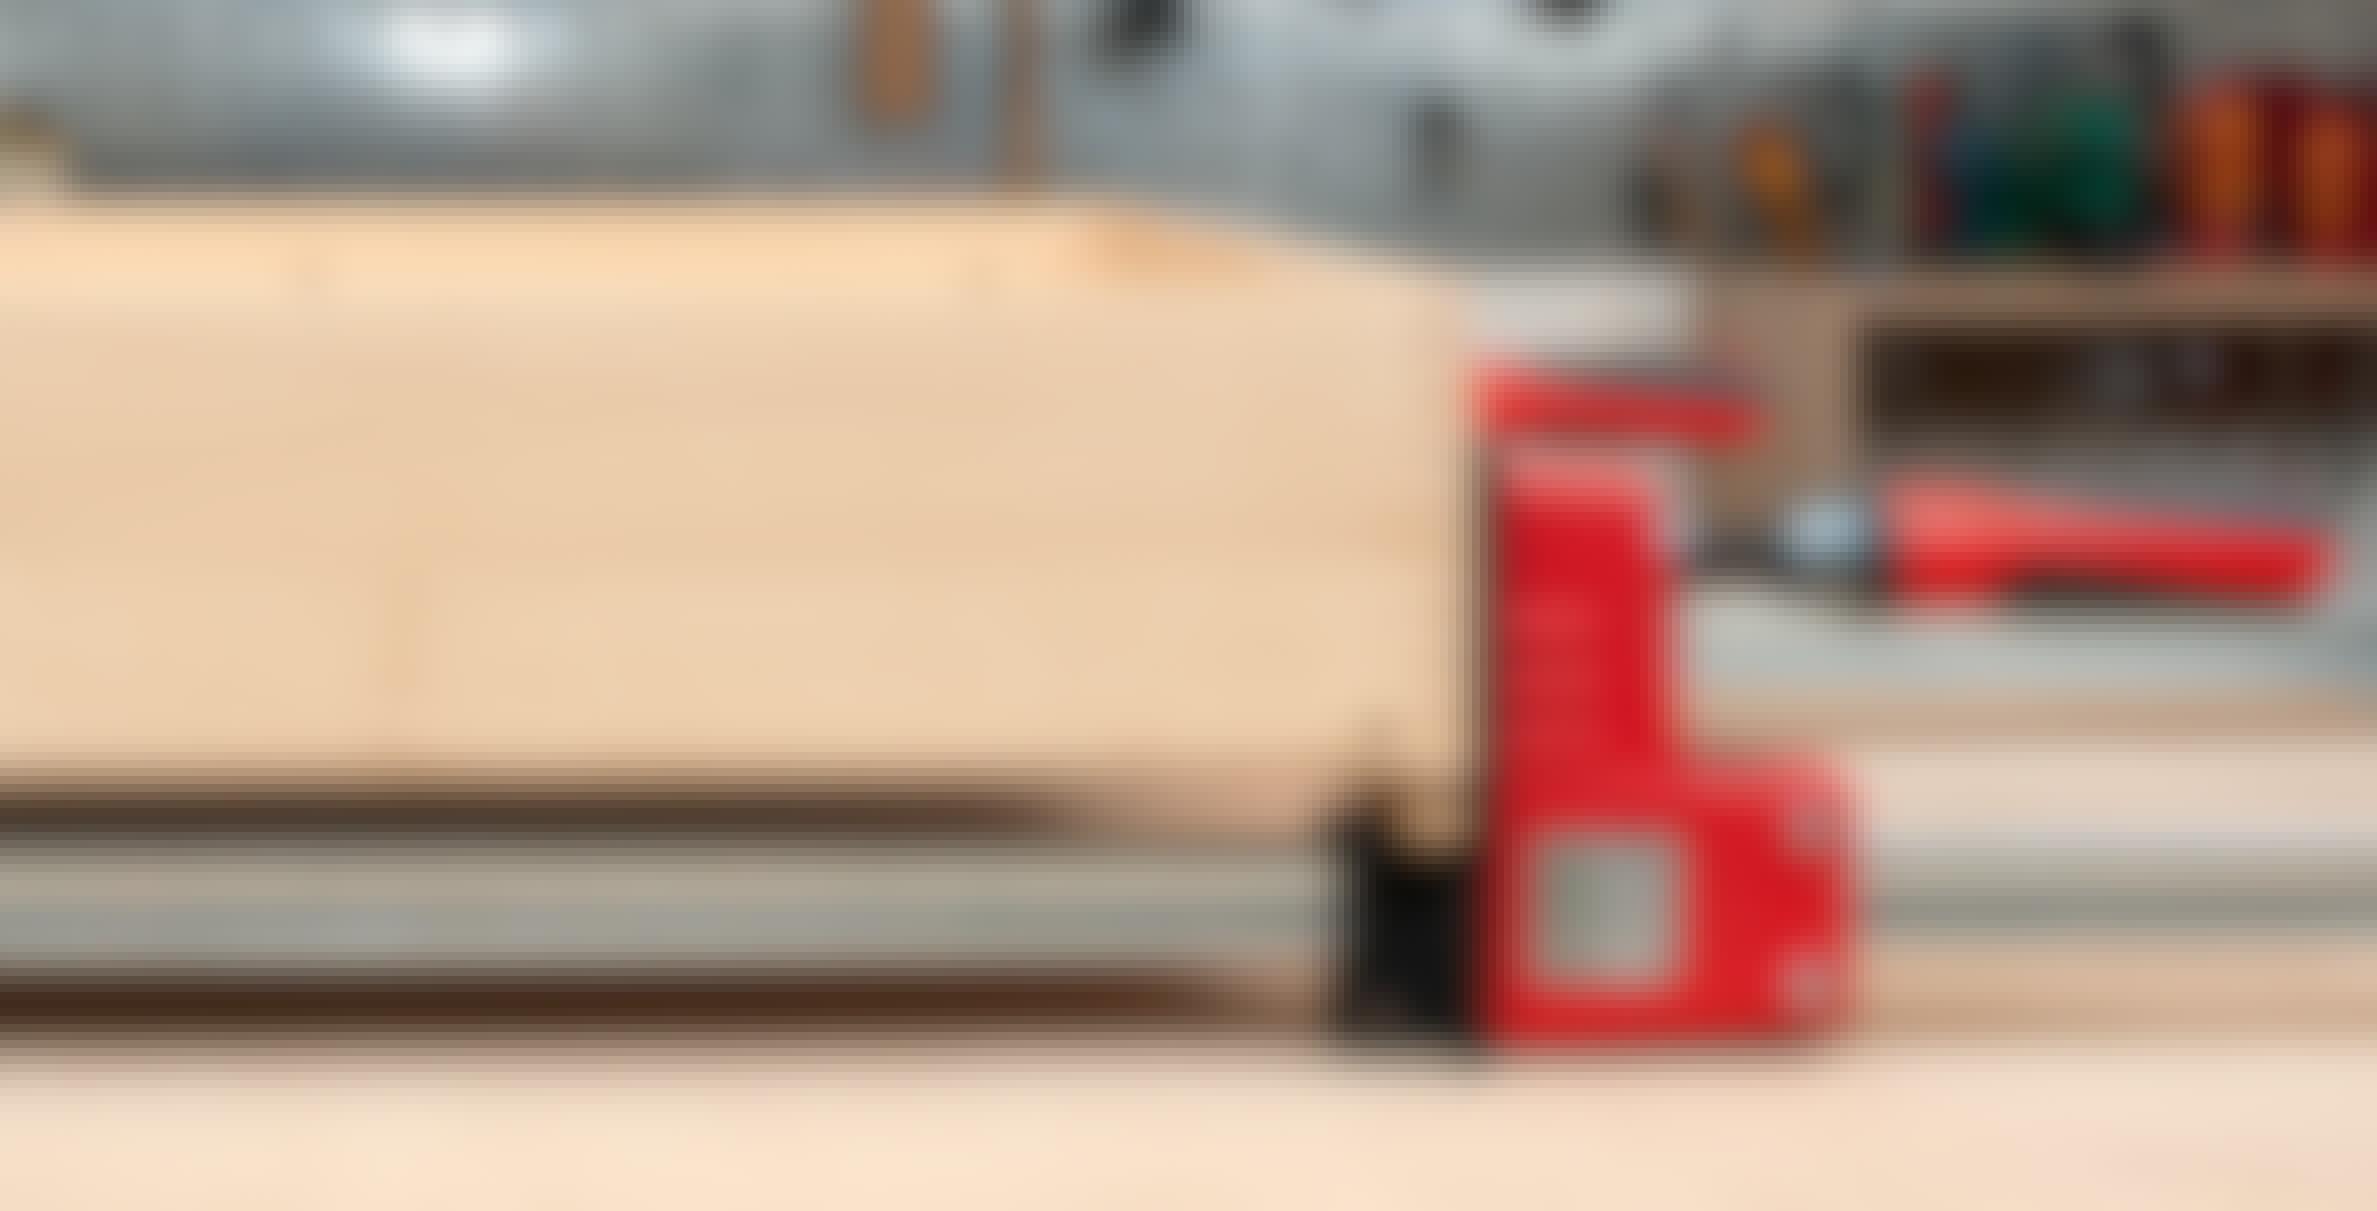 Hvad er fordelen ved tvinger med parallelle kæber?